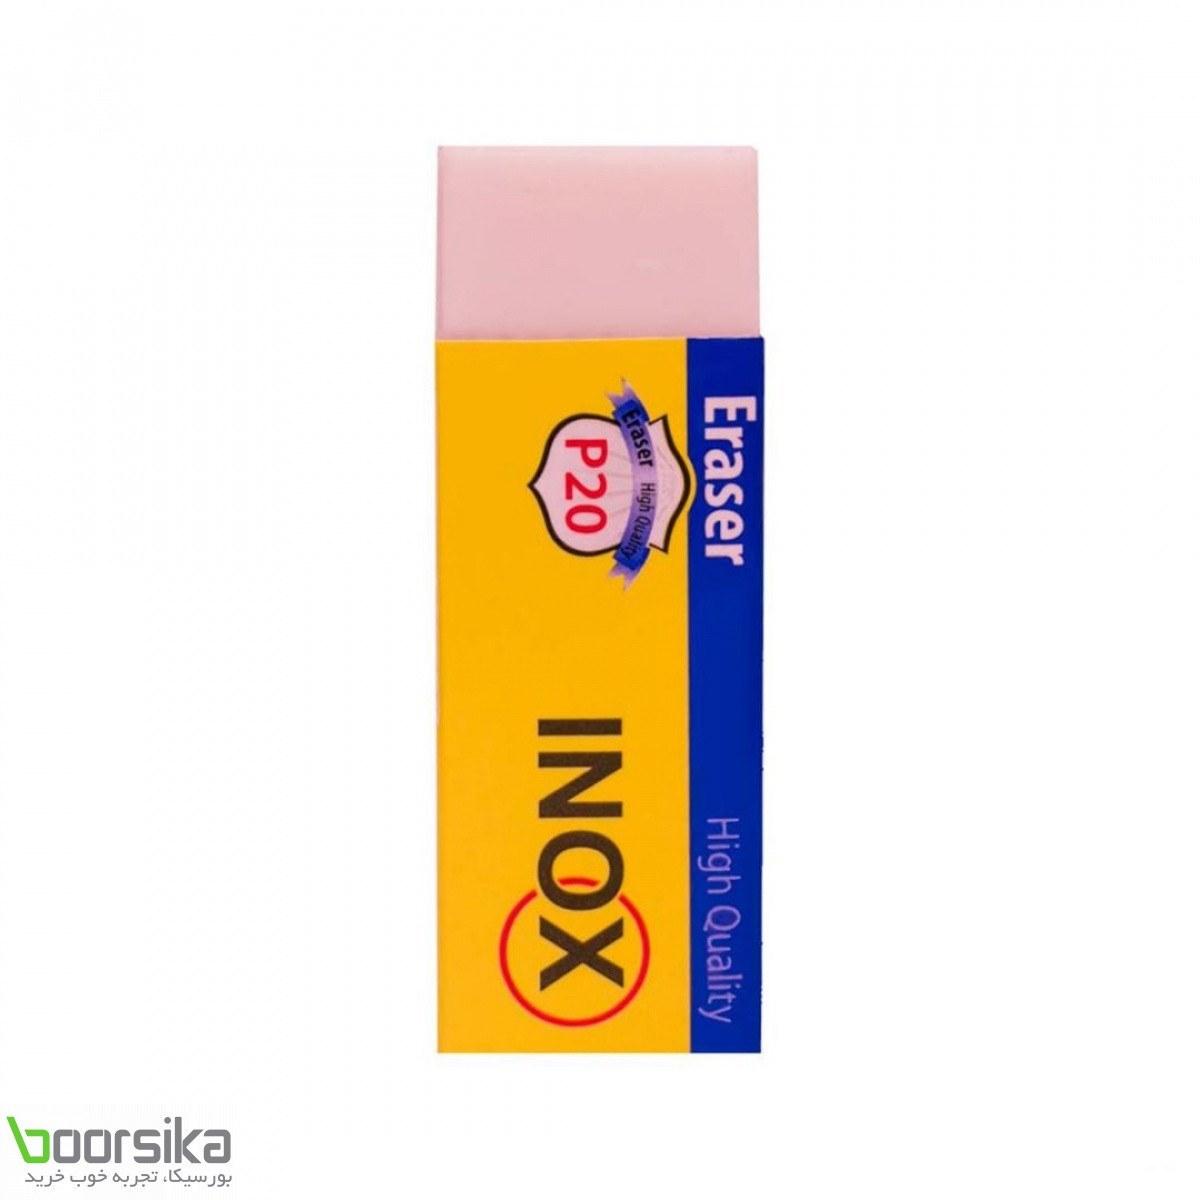 پاکن اینوکس Inox Eraser